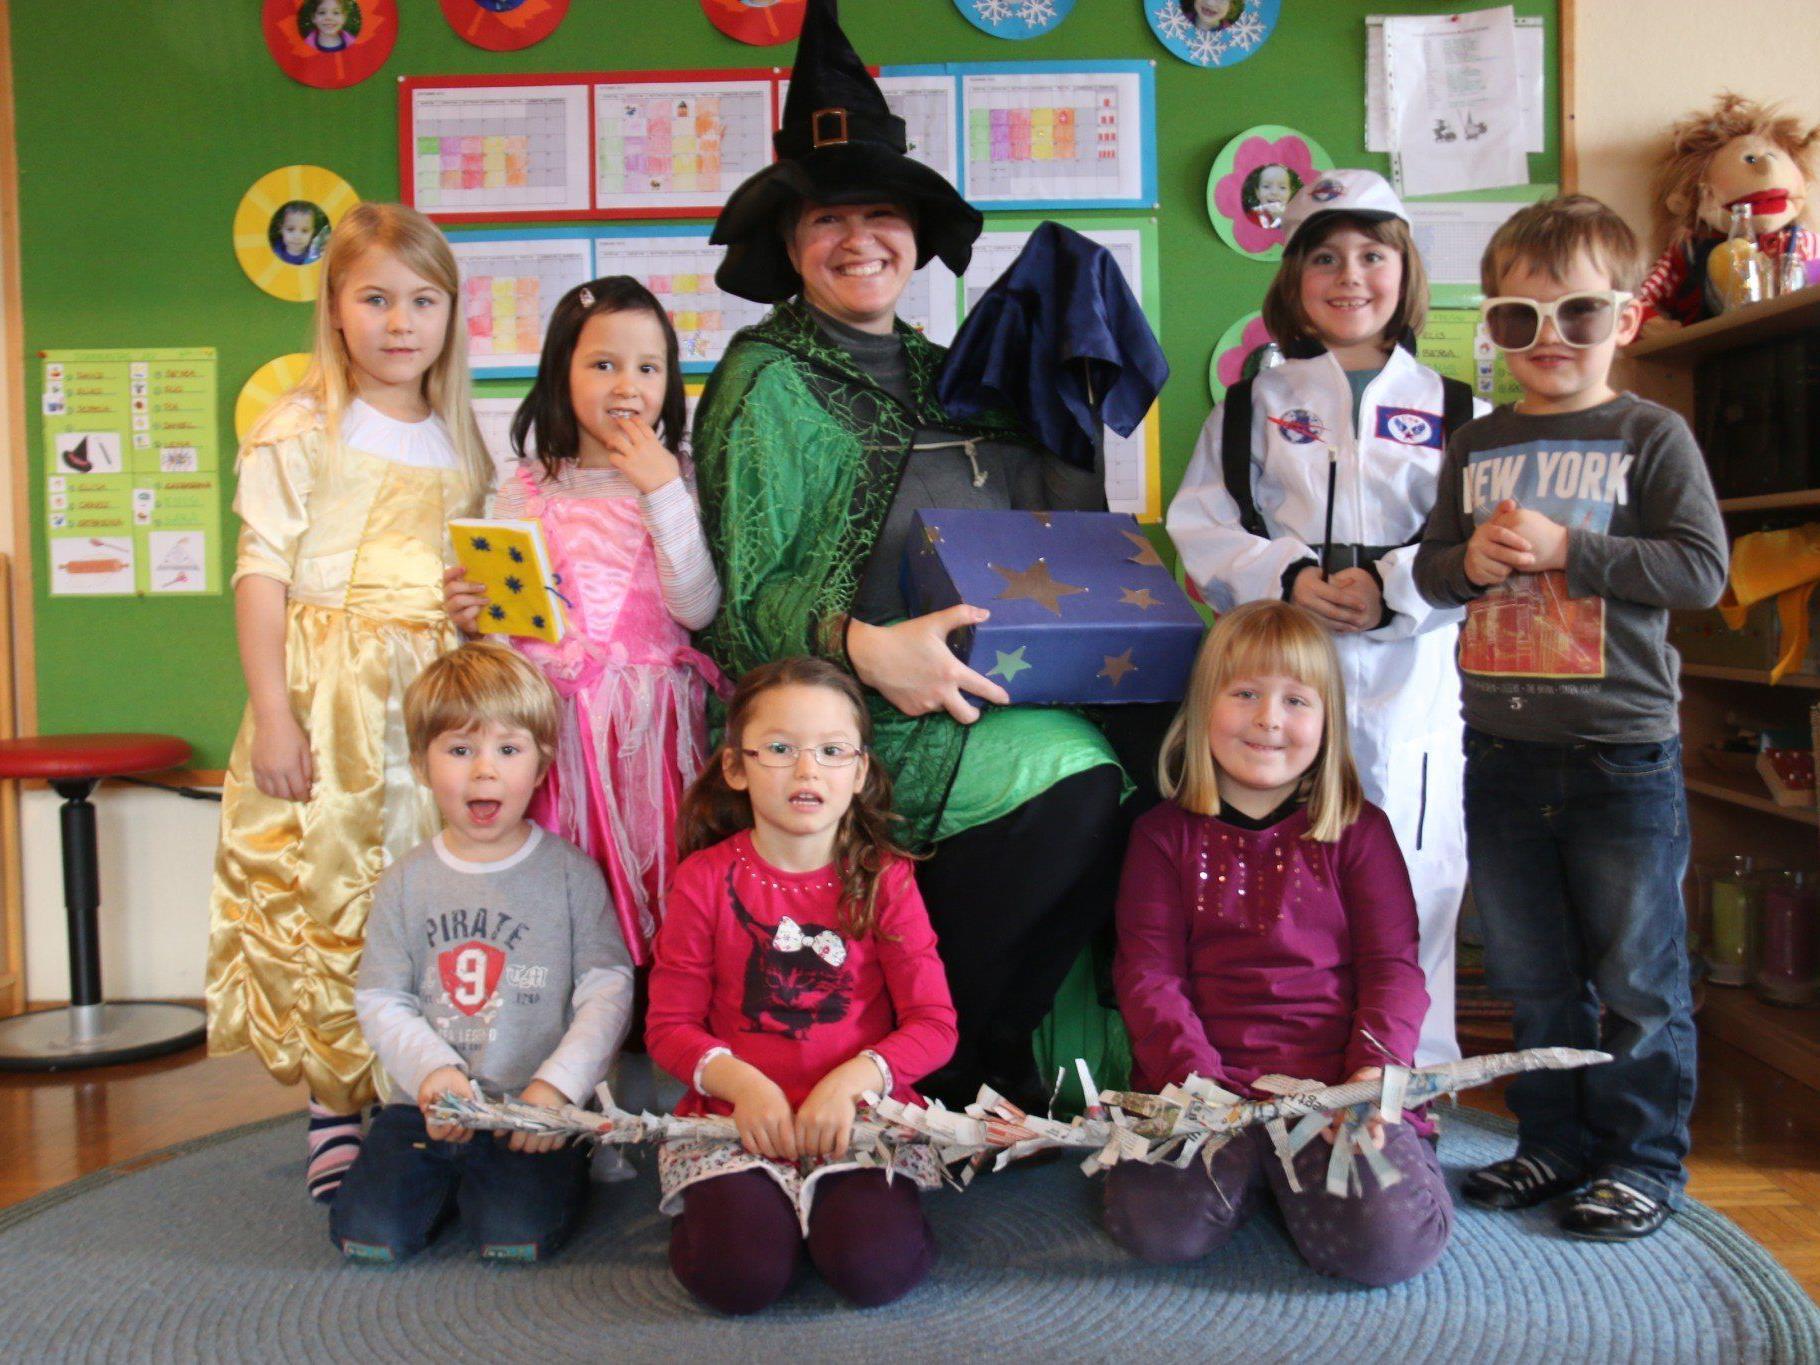 Ob Zauberhüte, essbare Zauberschlösser oder dem Schwungtuch – die Kindergartenkinder waren sichtlich begeistert.